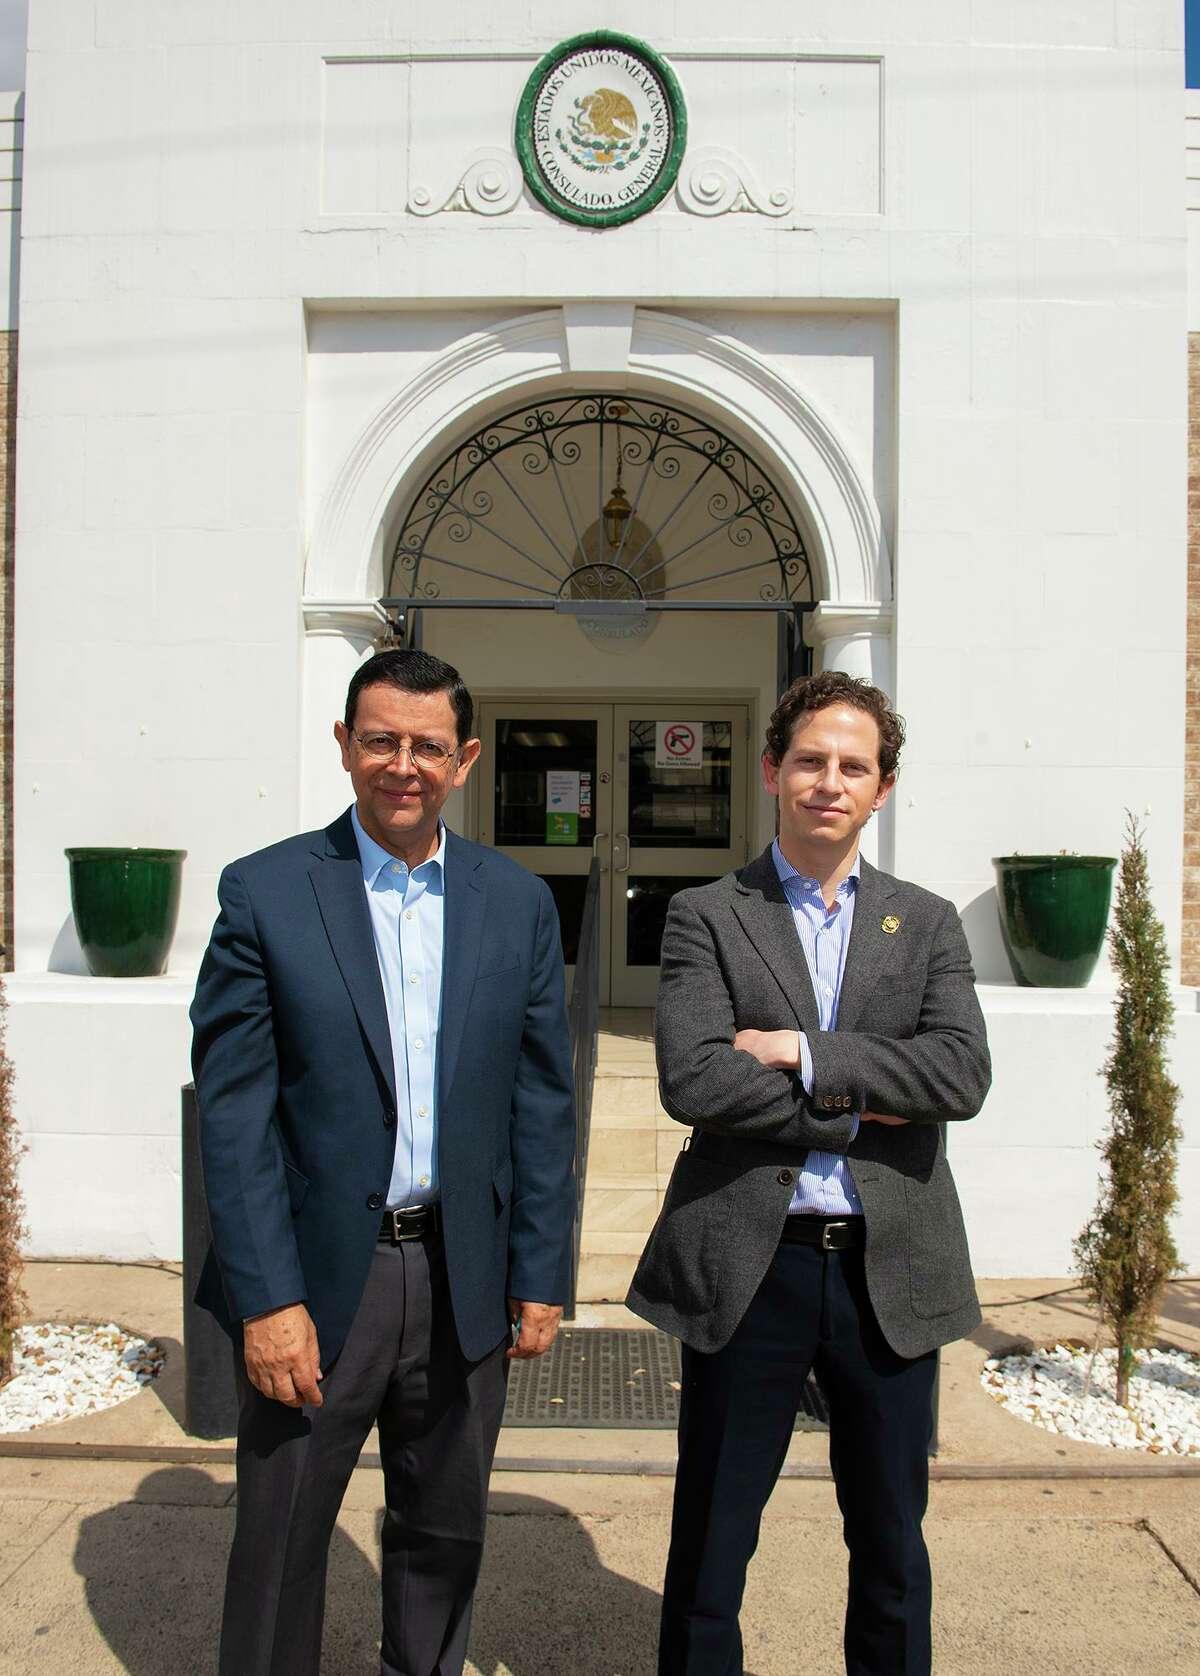 El Director General de Servicios Consulares Jaime Vásquez Bracho Torres y el Cónsul General Juan Carlos Mendoza Sánchez posan para una foto el sábado 6 de marzo de 2021 mientras el director Torres visita el Consulado General de México.